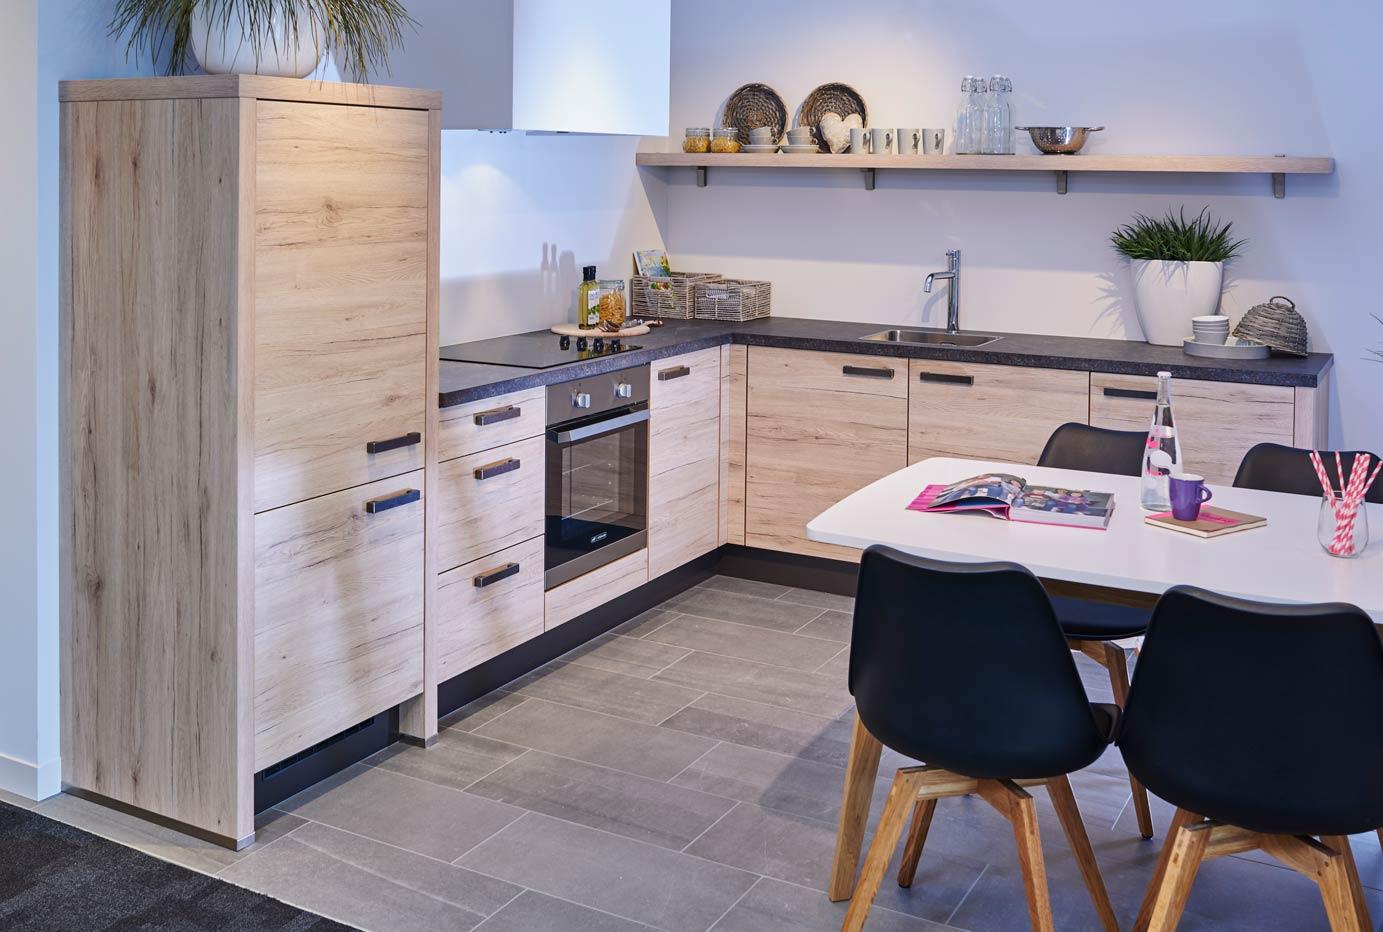 Nieuwe Keuken Kopen : Goedkope keuken kopen altijd meest voordelig avanti